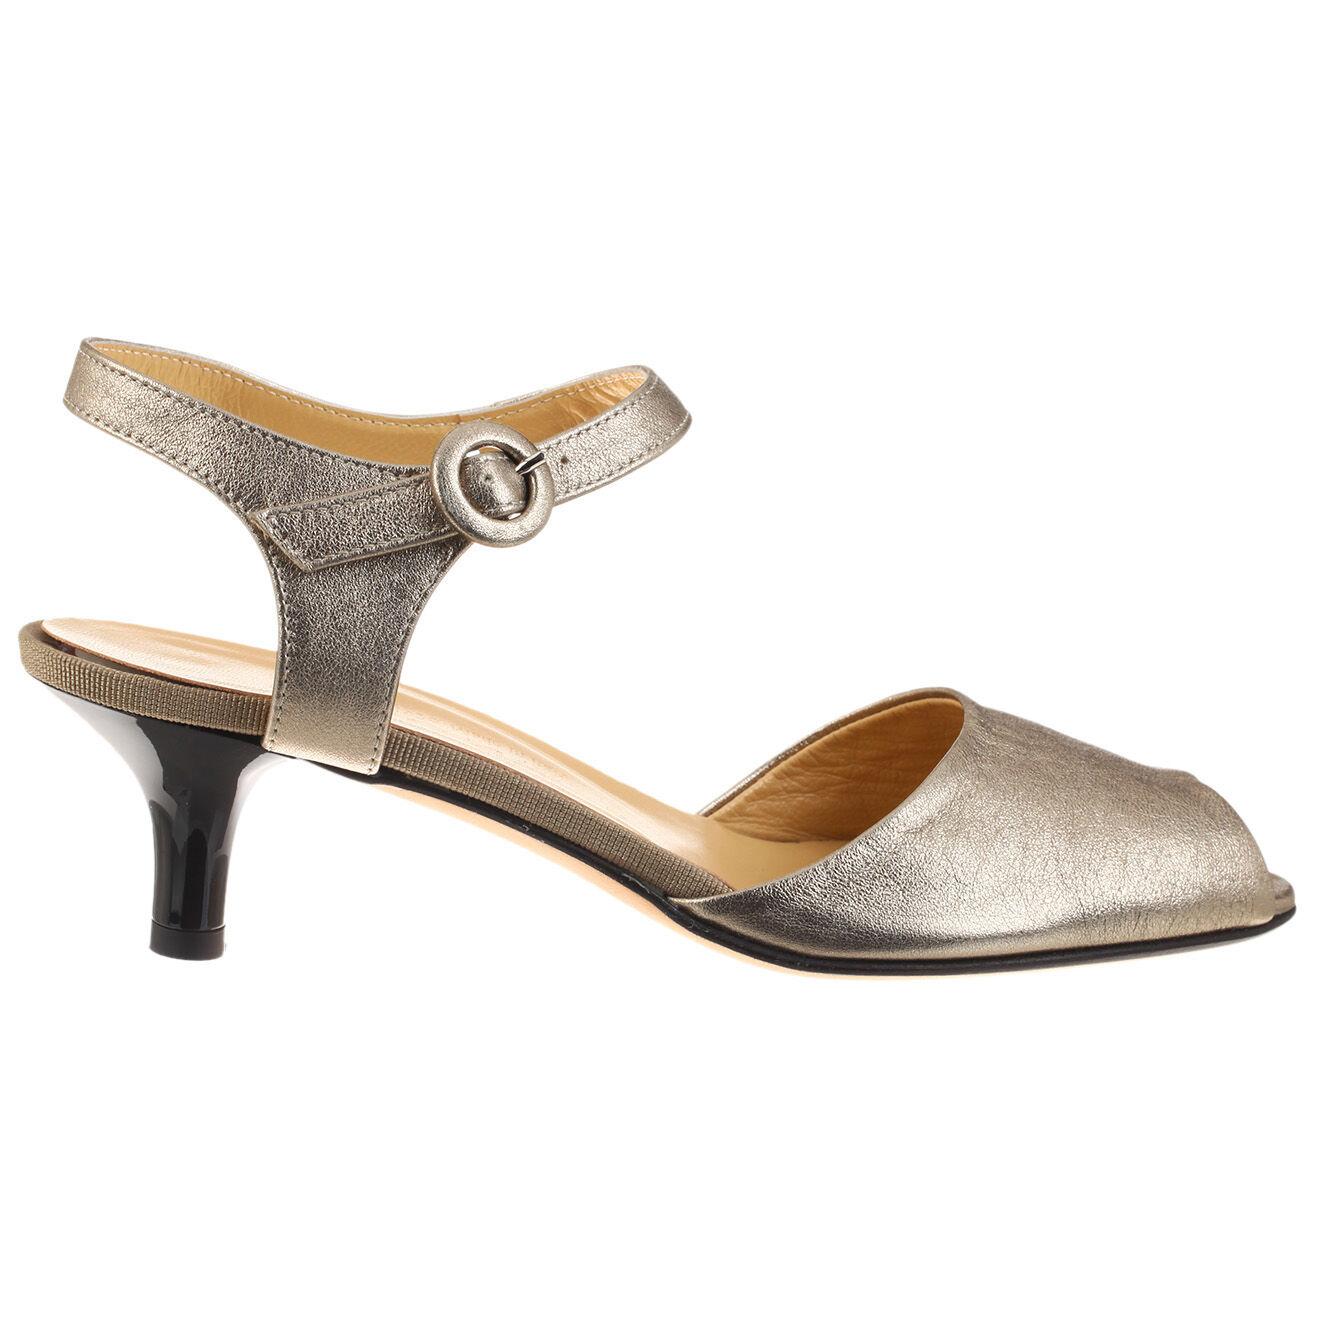 Sandales en Cuir dorées - Talon 5 cm